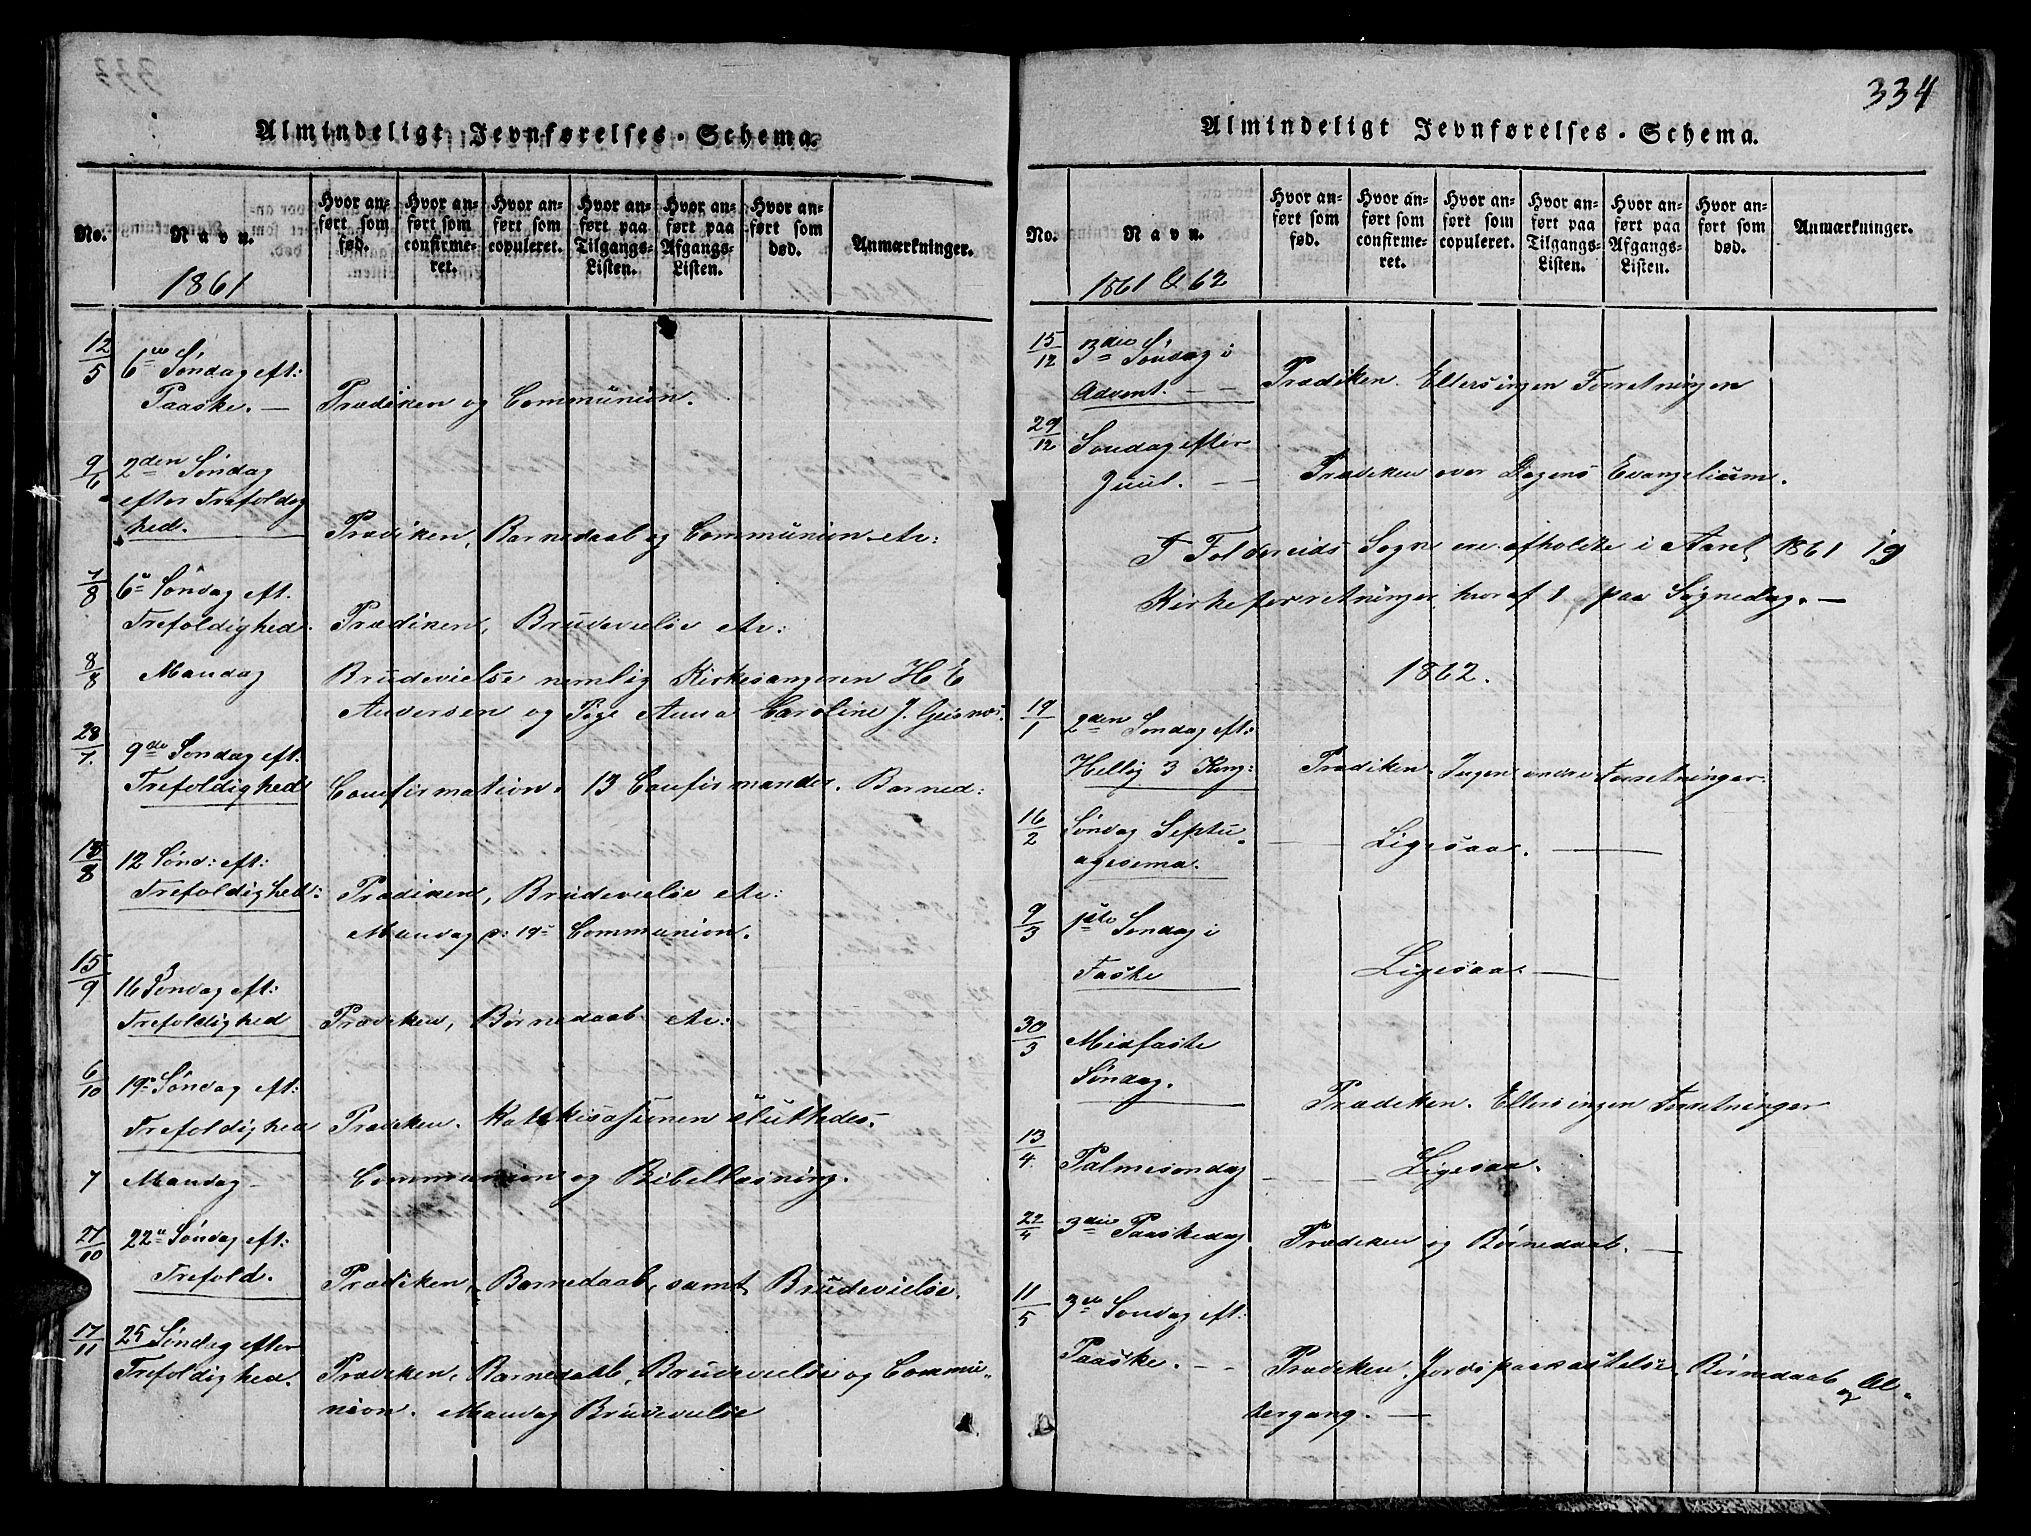 SAT, Ministerialprotokoller, klokkerbøker og fødselsregistre - Nord-Trøndelag, 780/L0648: Klokkerbok nr. 780C01 /1, 1815-1870, s. 334